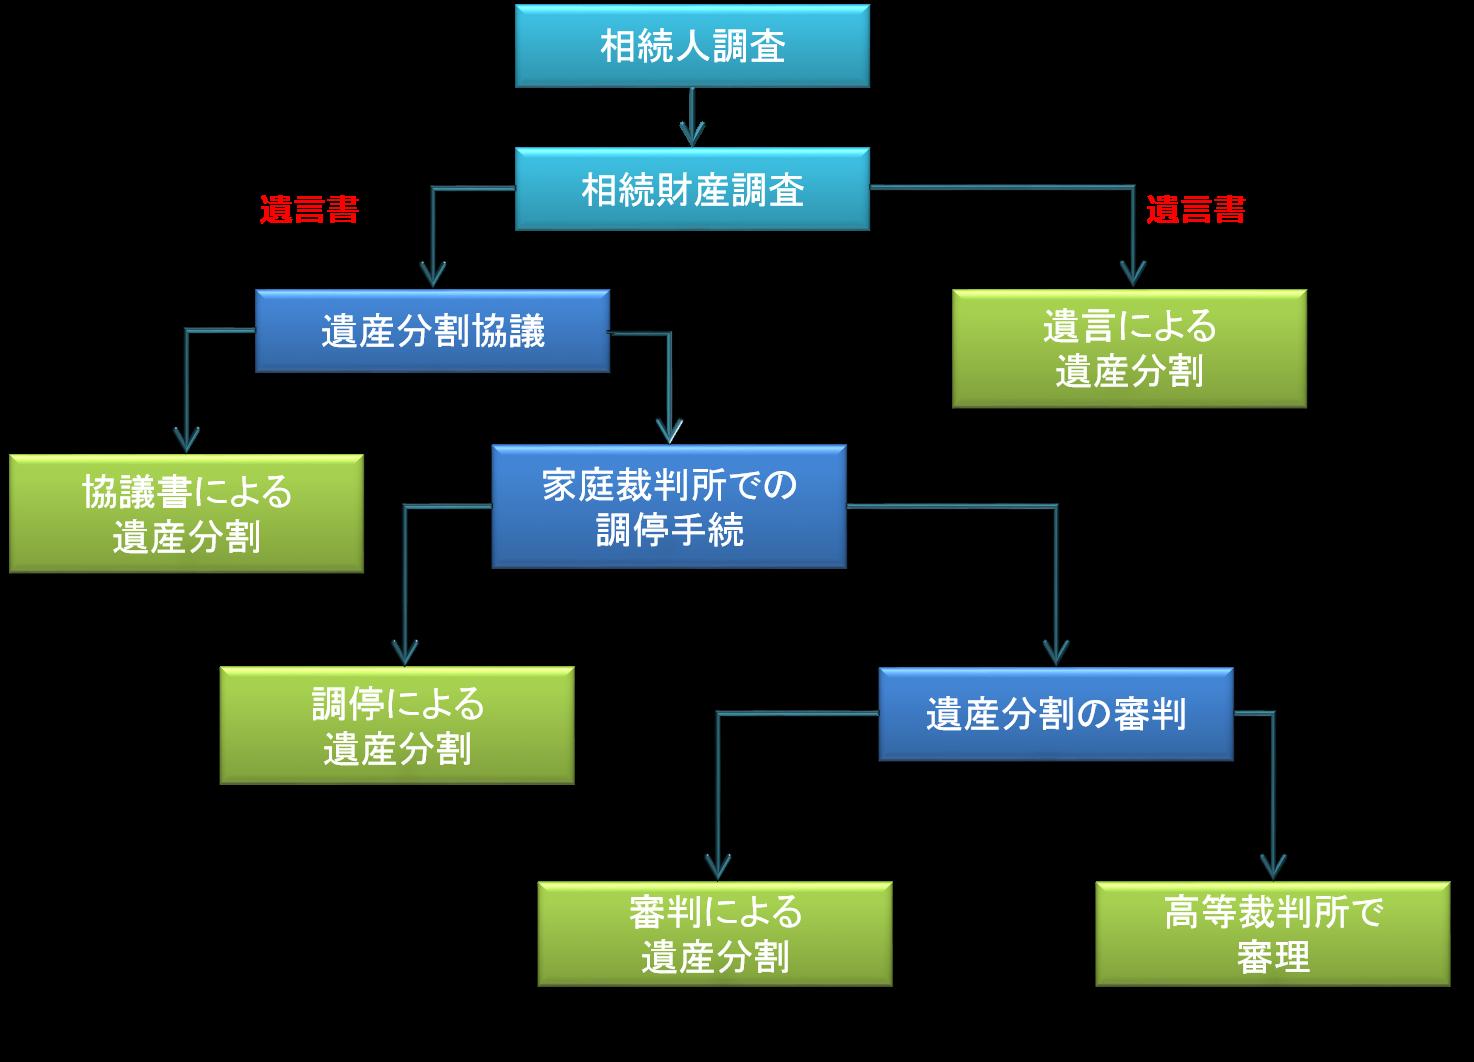 遺産分割の流れイメージ